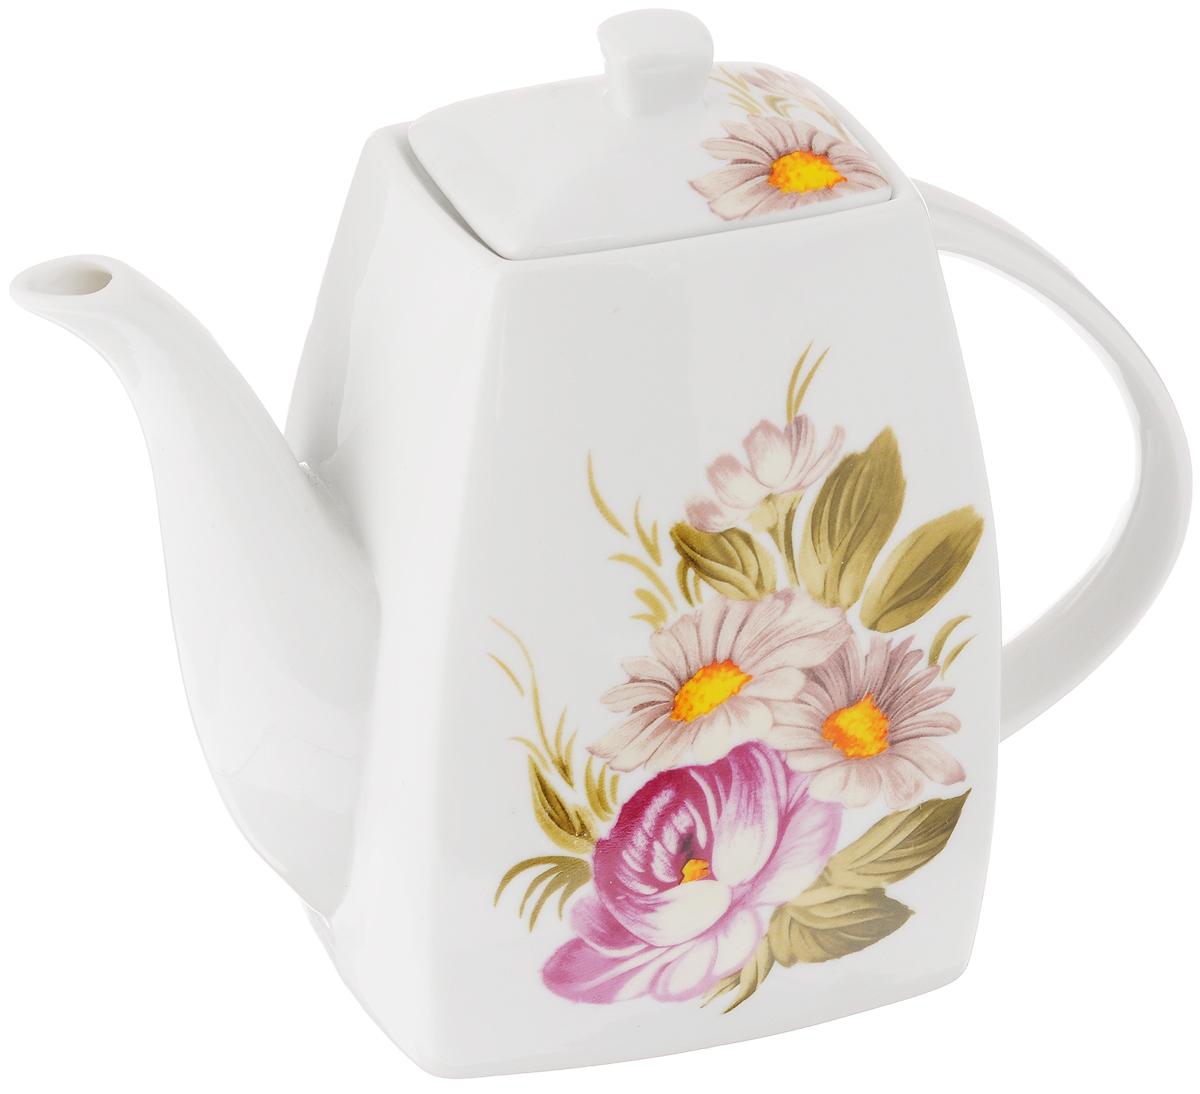 Чайник заварочный Loraine Цветочная идиллия, 1 л115510Заварочный чайник Loraine Цветочная идиллия изготовлен из высококачественной керамики с гладким глазурованным покрытием. Изделие декорировано красочным цветочным рисунком. Чайник снабжен удобной ручкой и широким носиком. В основании носика расположены фильтрующие отверстия от попадания чаинок в чашку. Изысканный заварочный чайник украсит сервировку стола к чаепитию. Благодаря красивому утонченному дизайну и качеству исполнения он станет хорошим подарком друзьям и близким. Размер чайника (по верхнему краю): 6 х 4 см. Высота чайника (без учета крышки): 15,5 см.